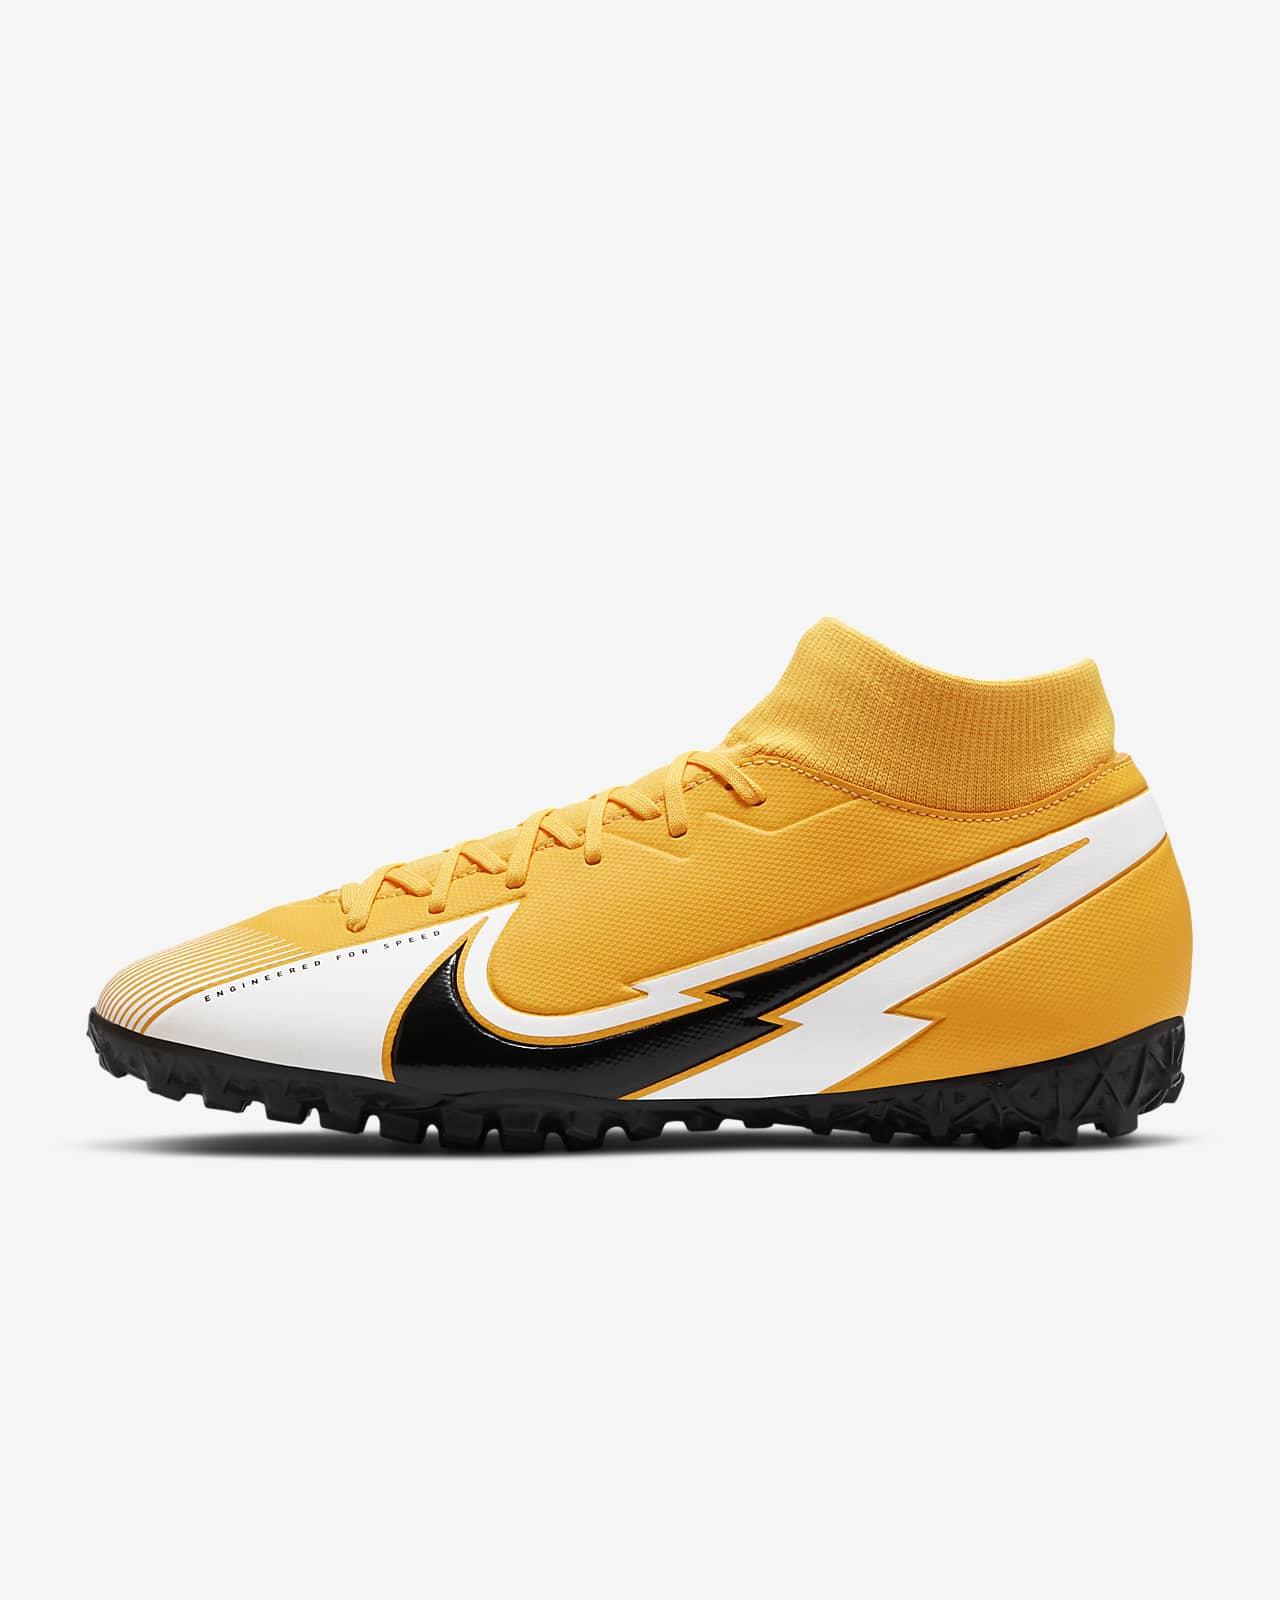 Футбольные бутсы для игры на синтетическом покрытии Nike Mercurial Superfly 7 Academy TF